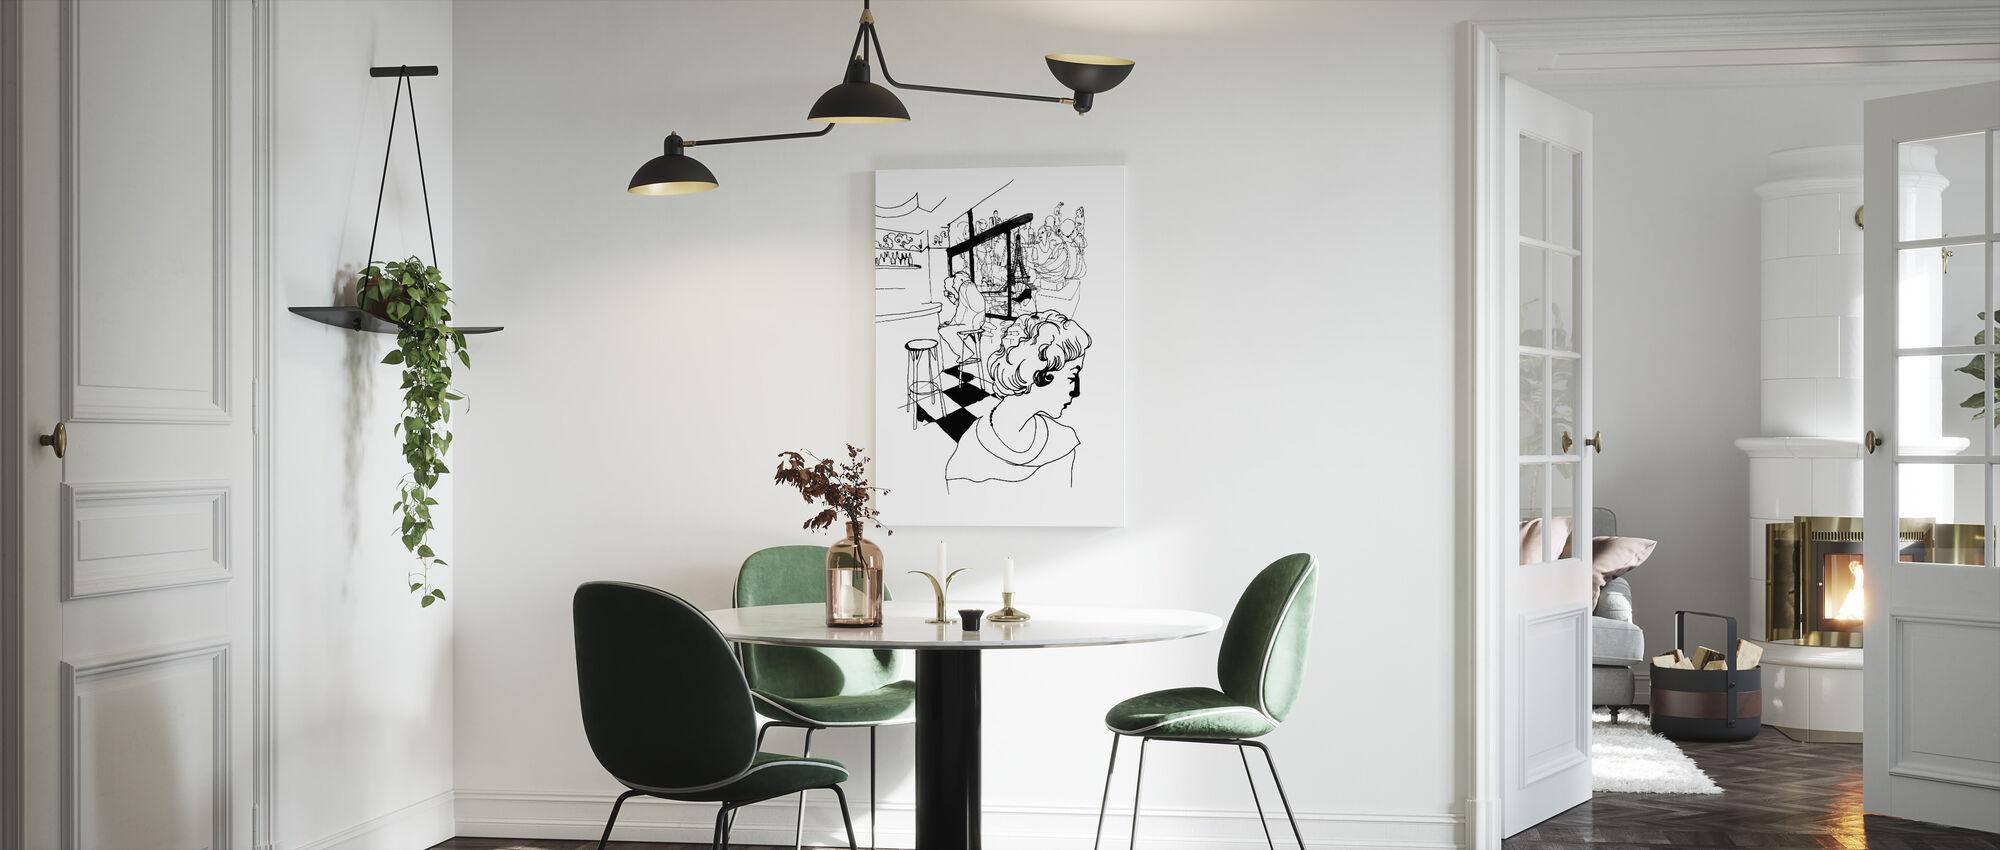 Coffee in Paris - Canvas print - Kitchen